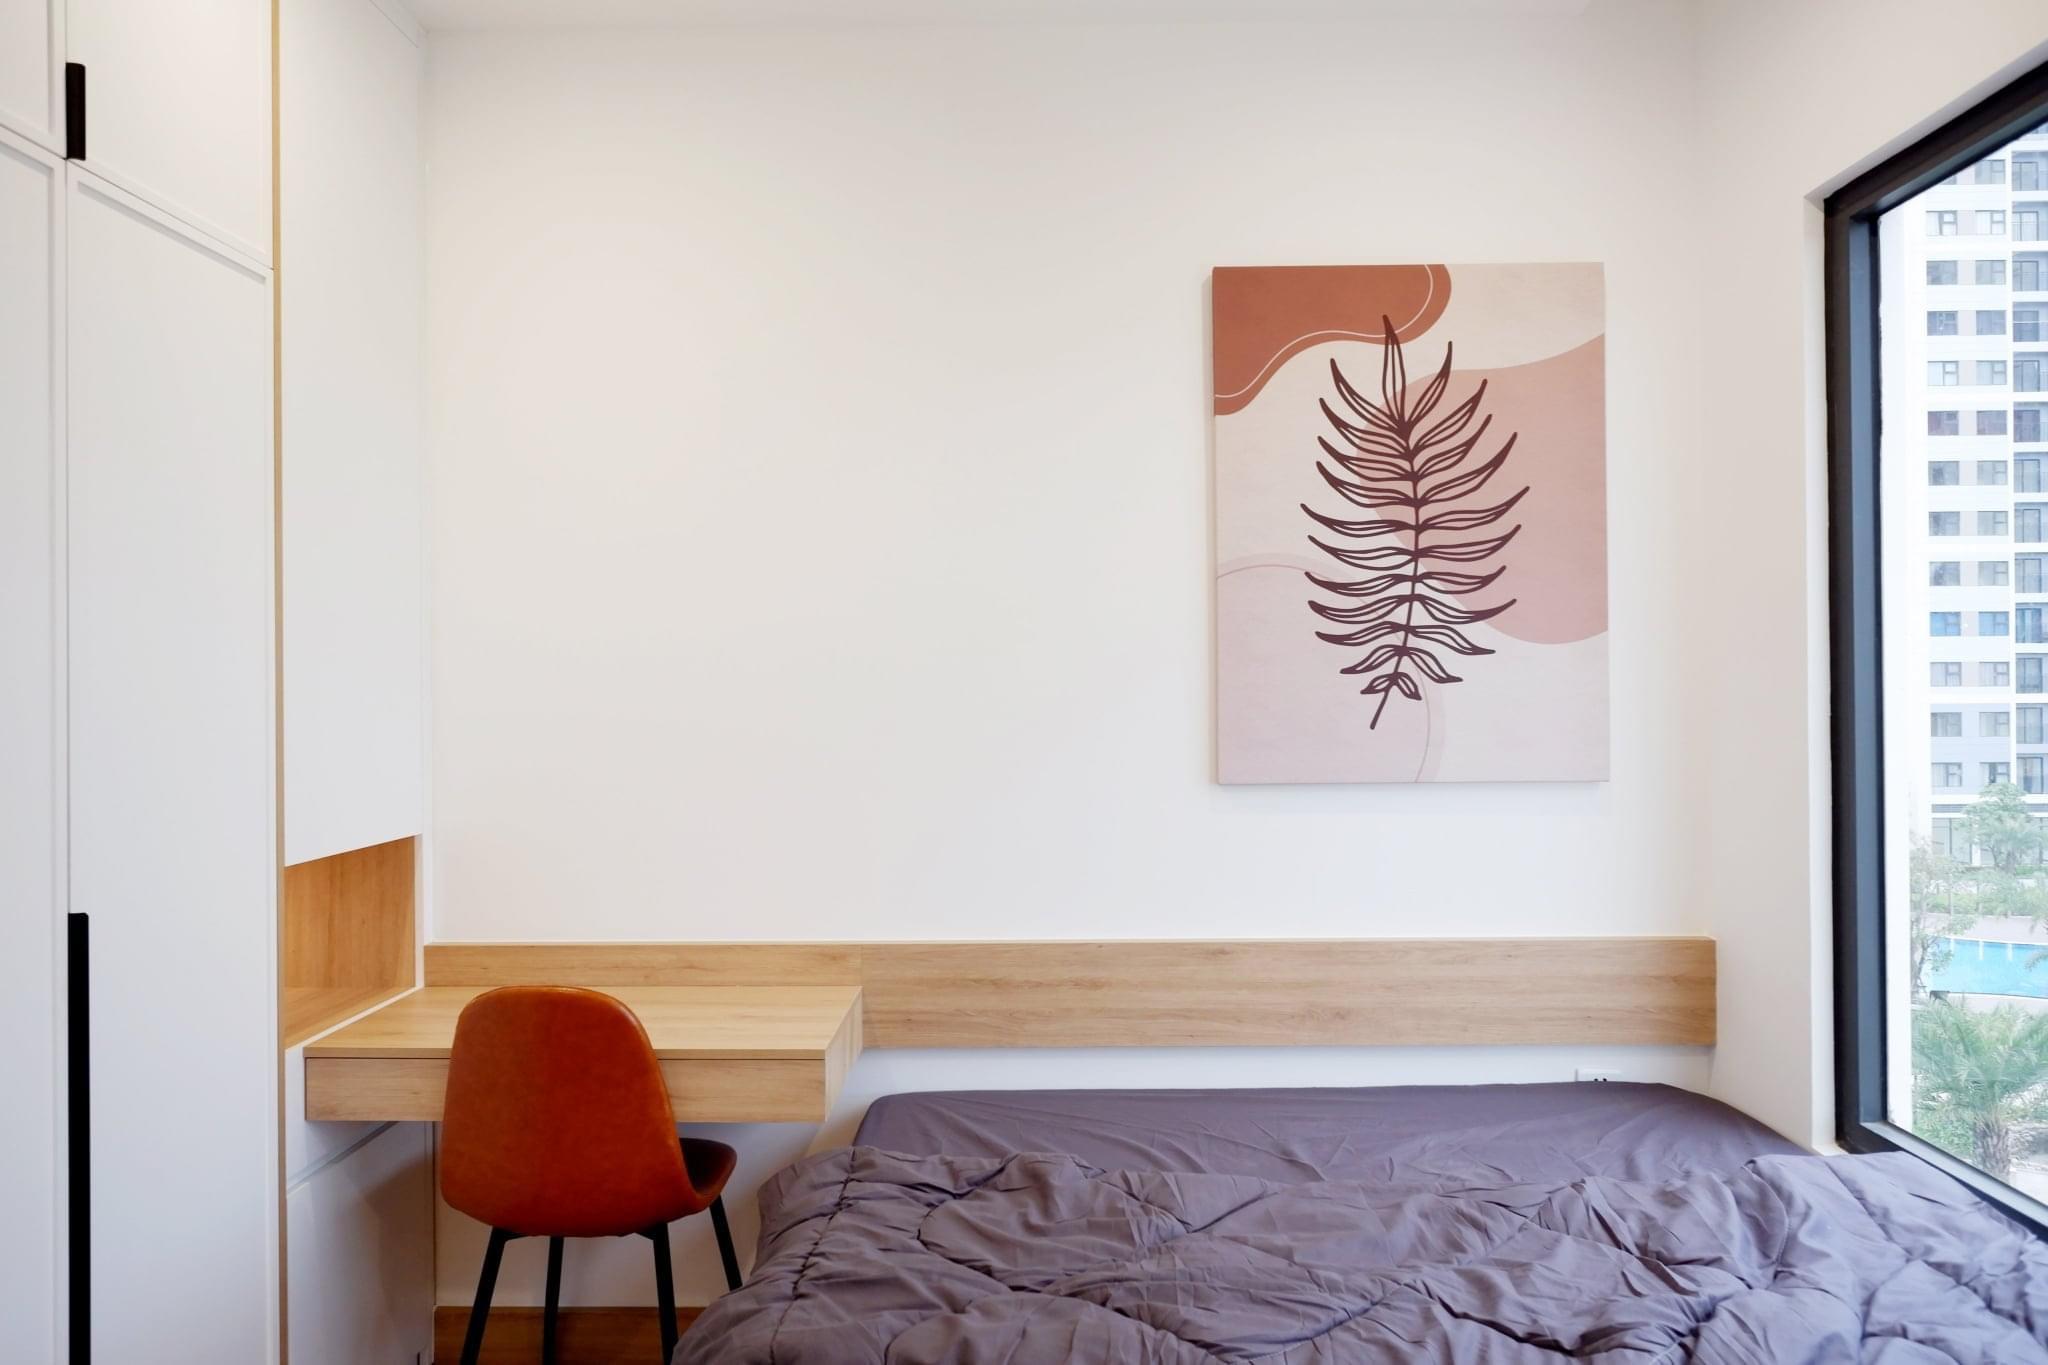 Căn hộ 3 phòng ngủ toà S5.01 Vinhomes Grand Park 11tr/tháng 6